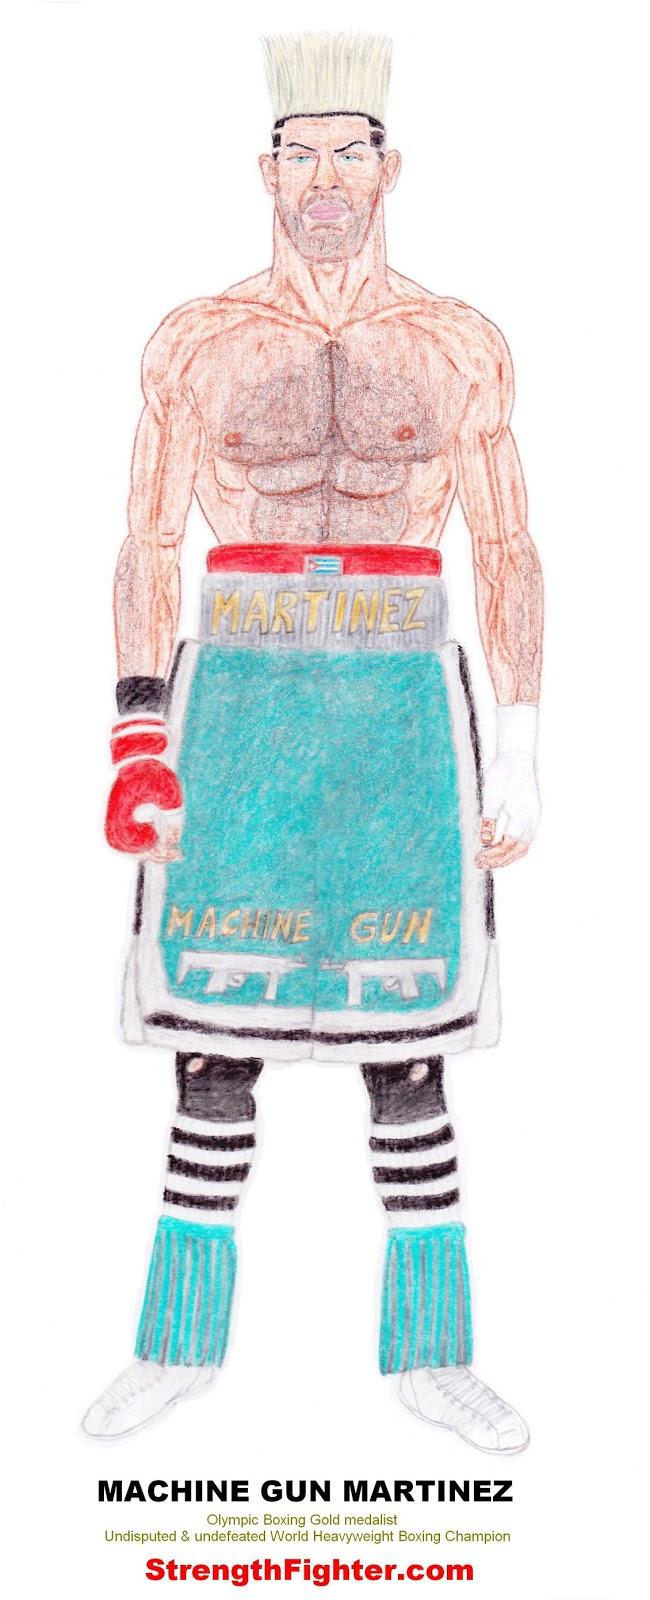 Machine Gun Martinez (Boxing) SLAUGHTERSPORT.COM